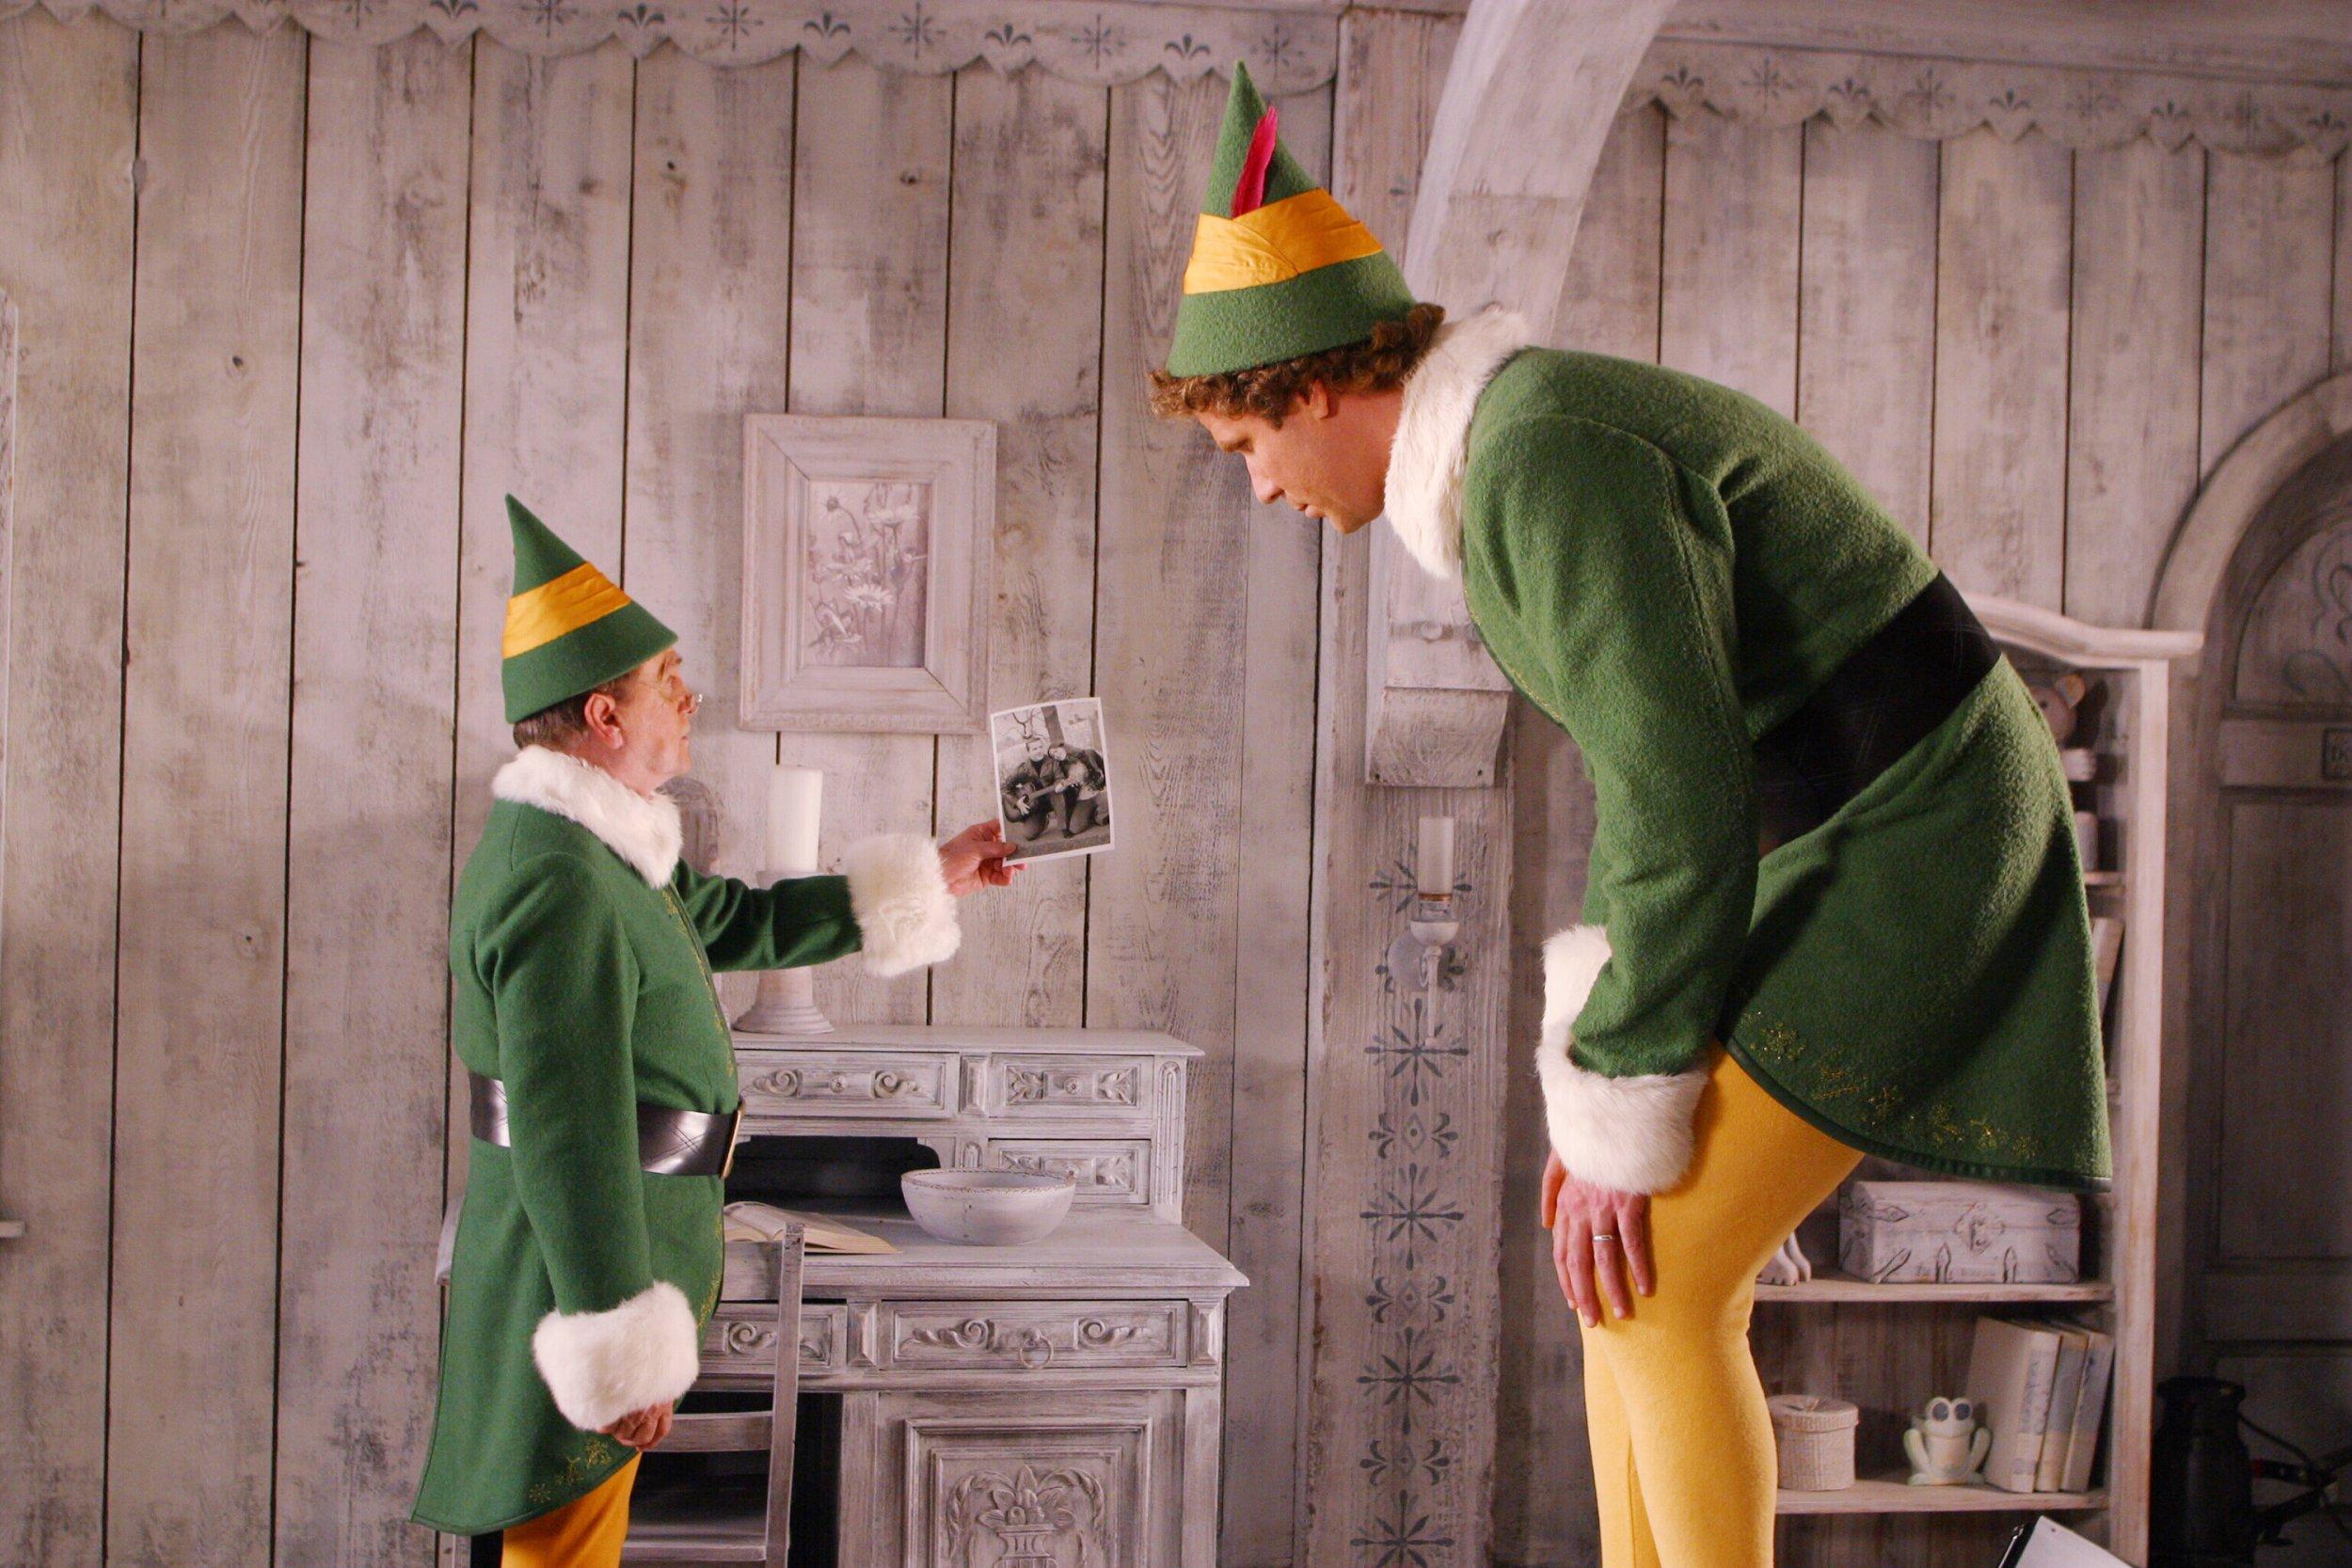 11_30_25_Days_Christmas_02